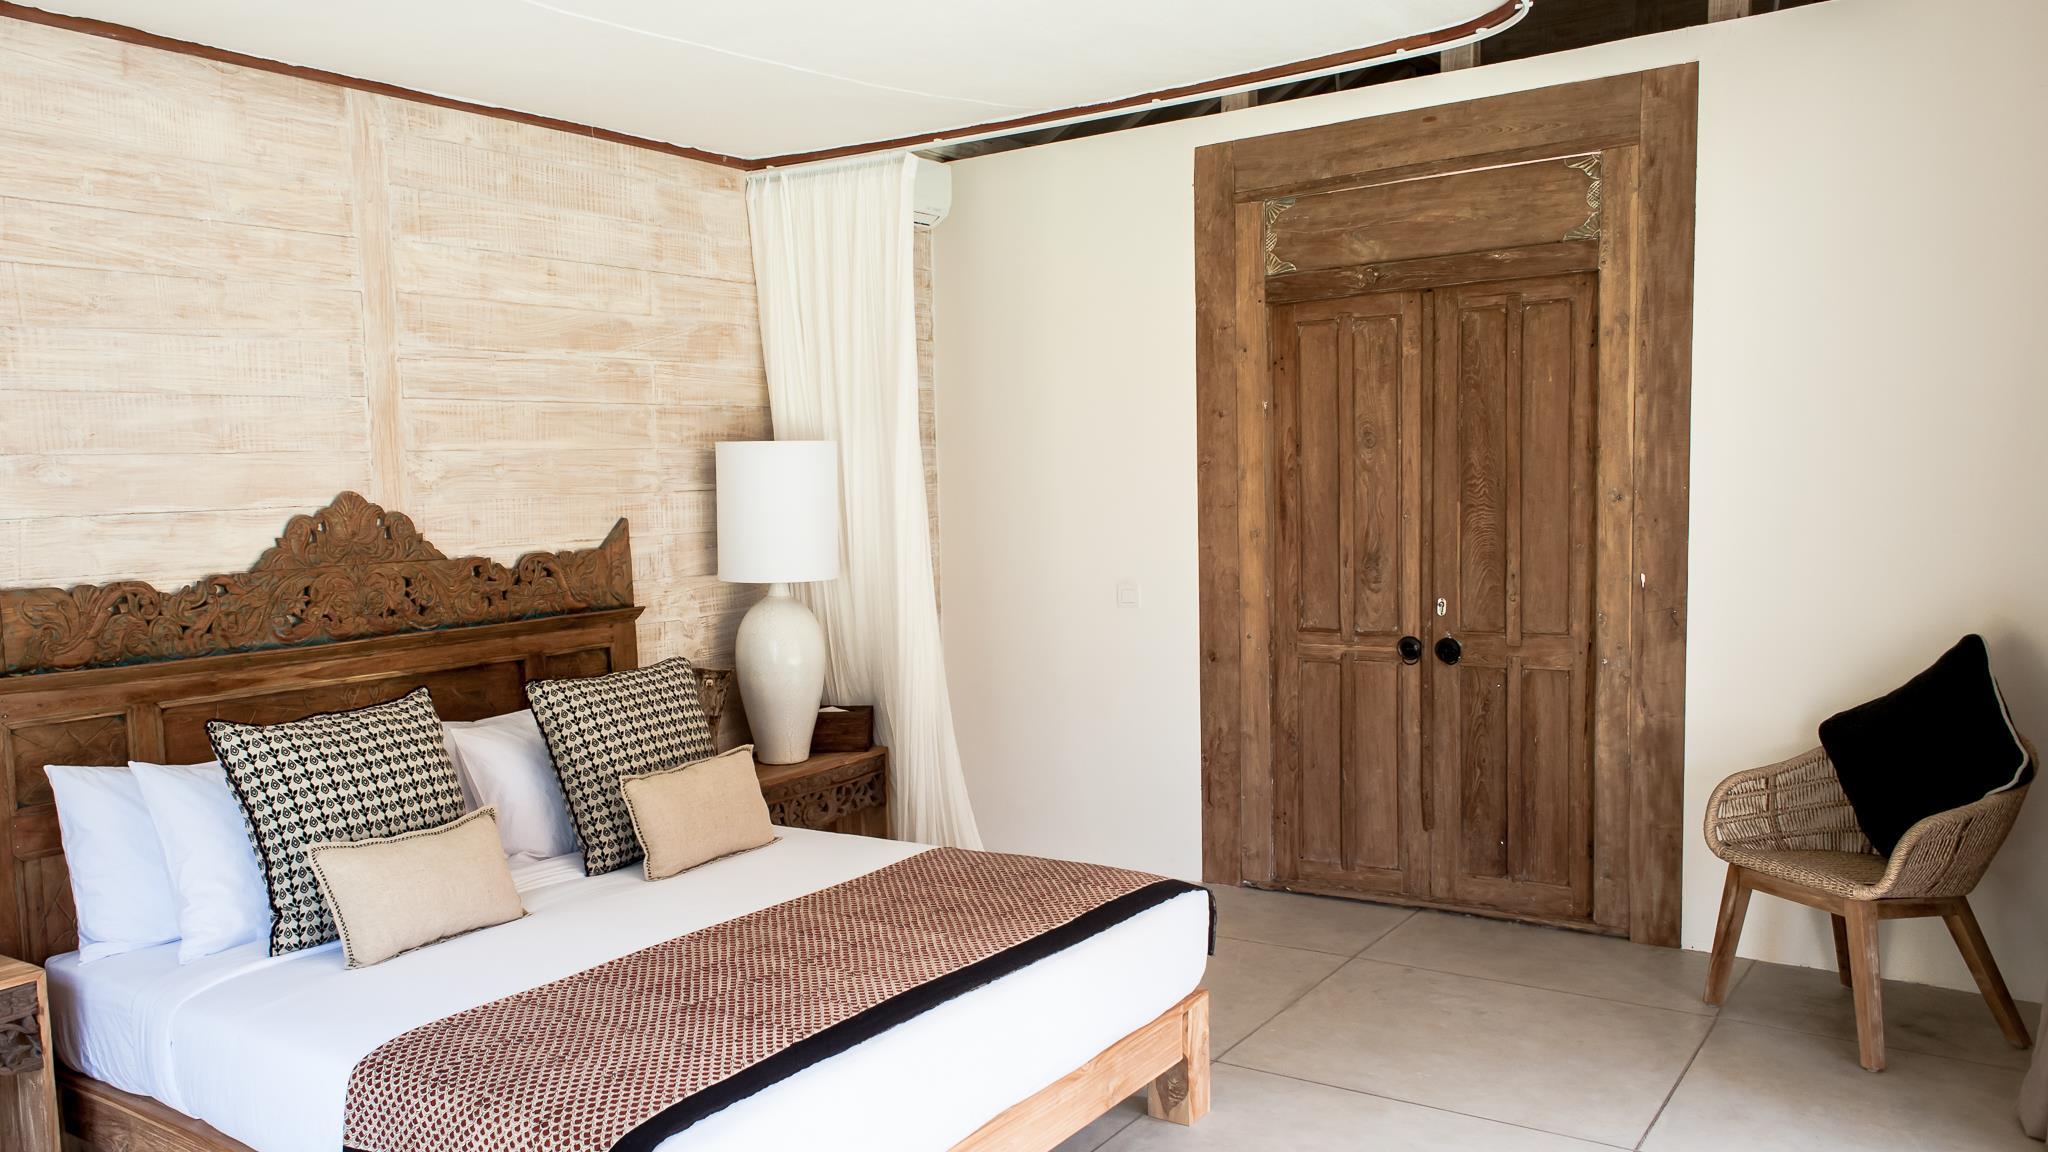 Bedroom with Chair - Villa Alea - Kerobokan, Bali